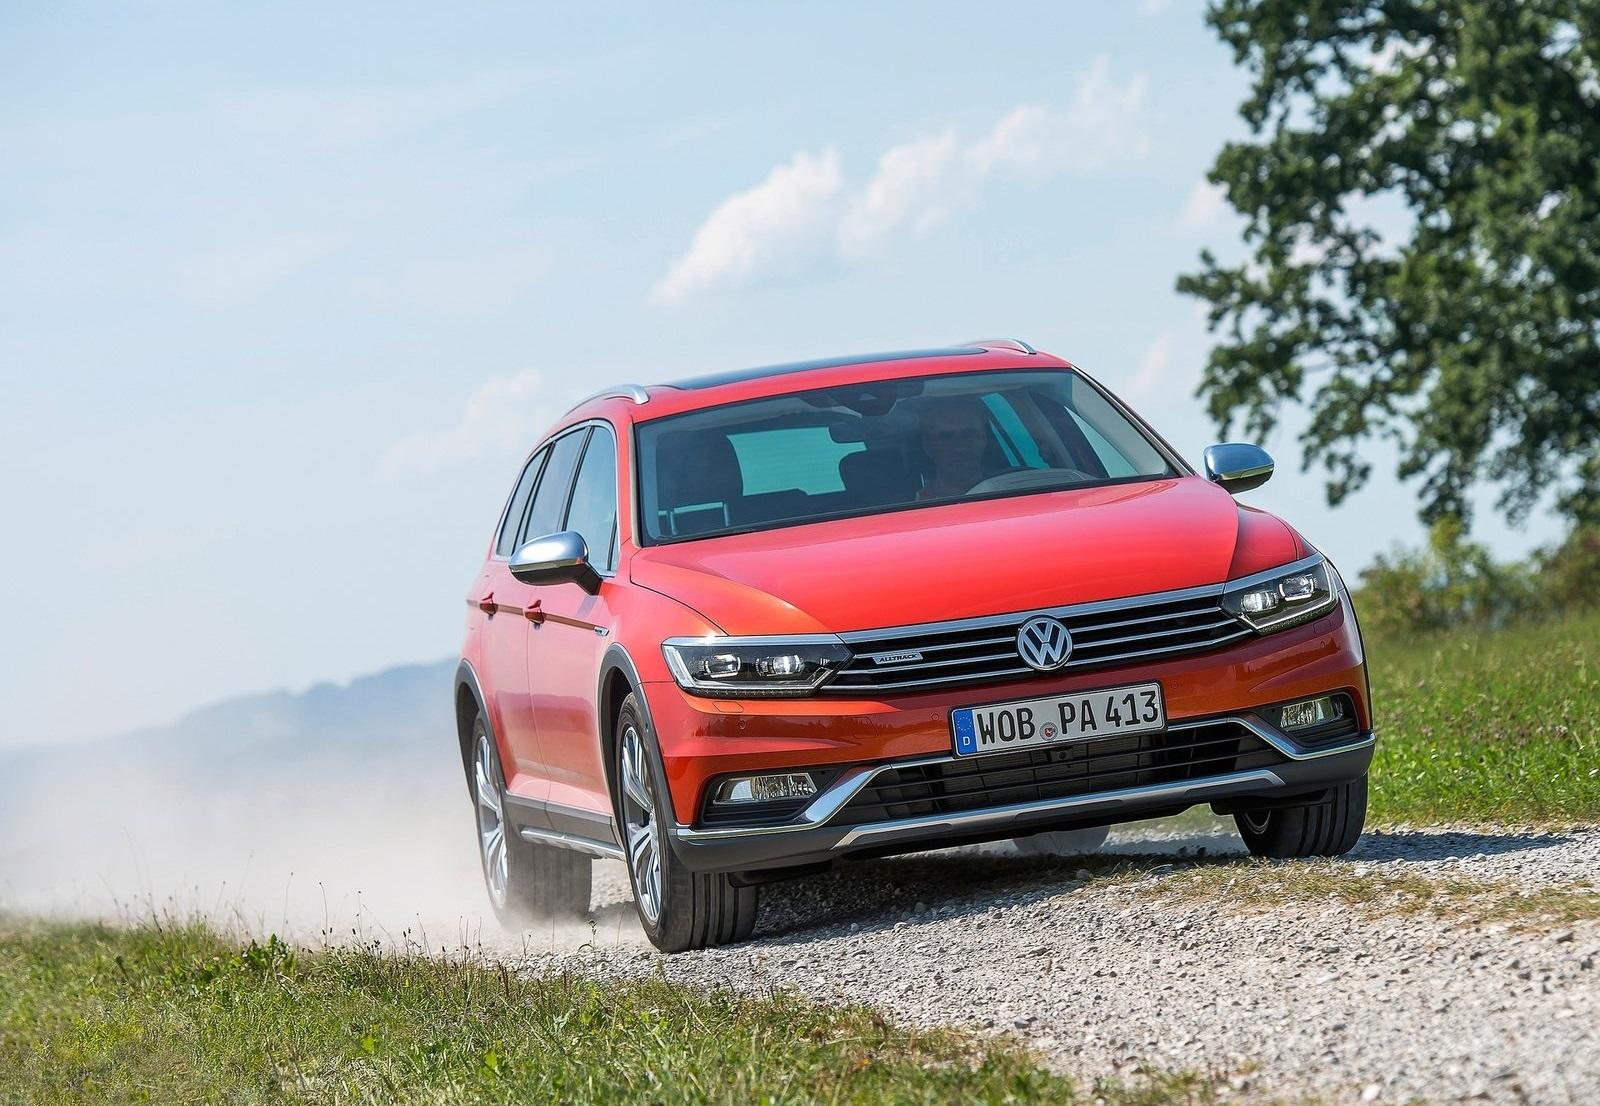 2016 Volkswagen Passat Alltrack Off Road Test (Photo 11 of 18)